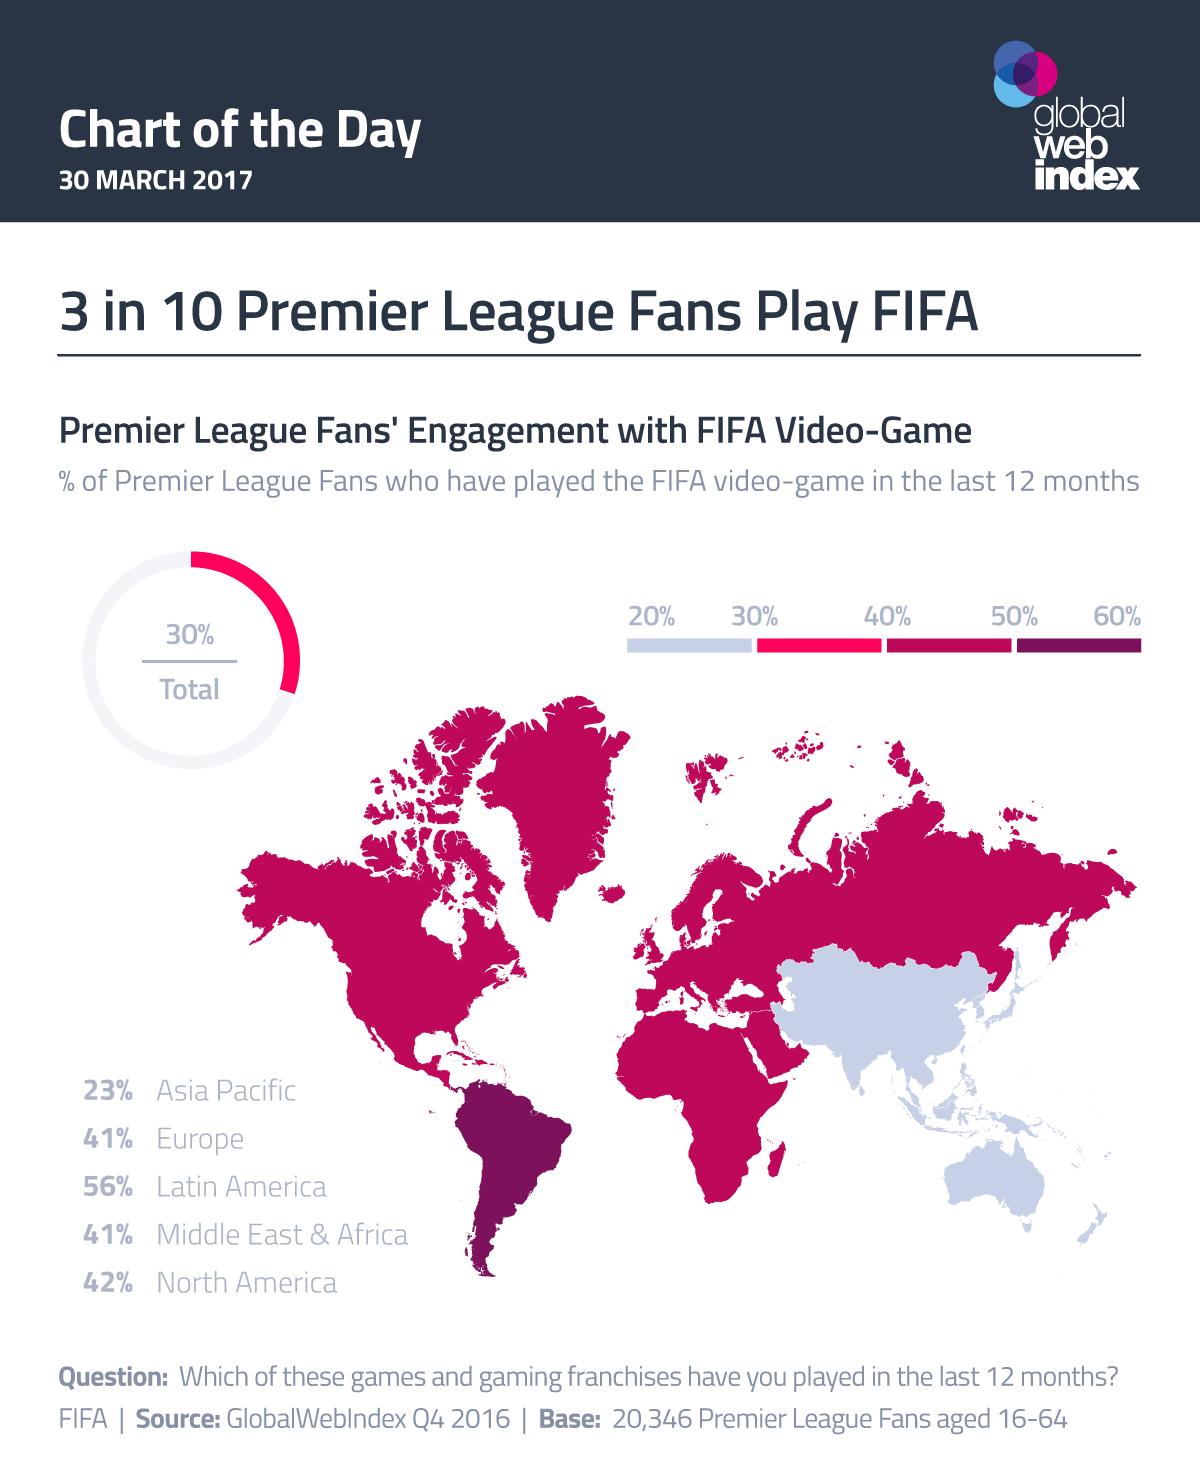 3 in 10 Premier League Fans Play FIFA